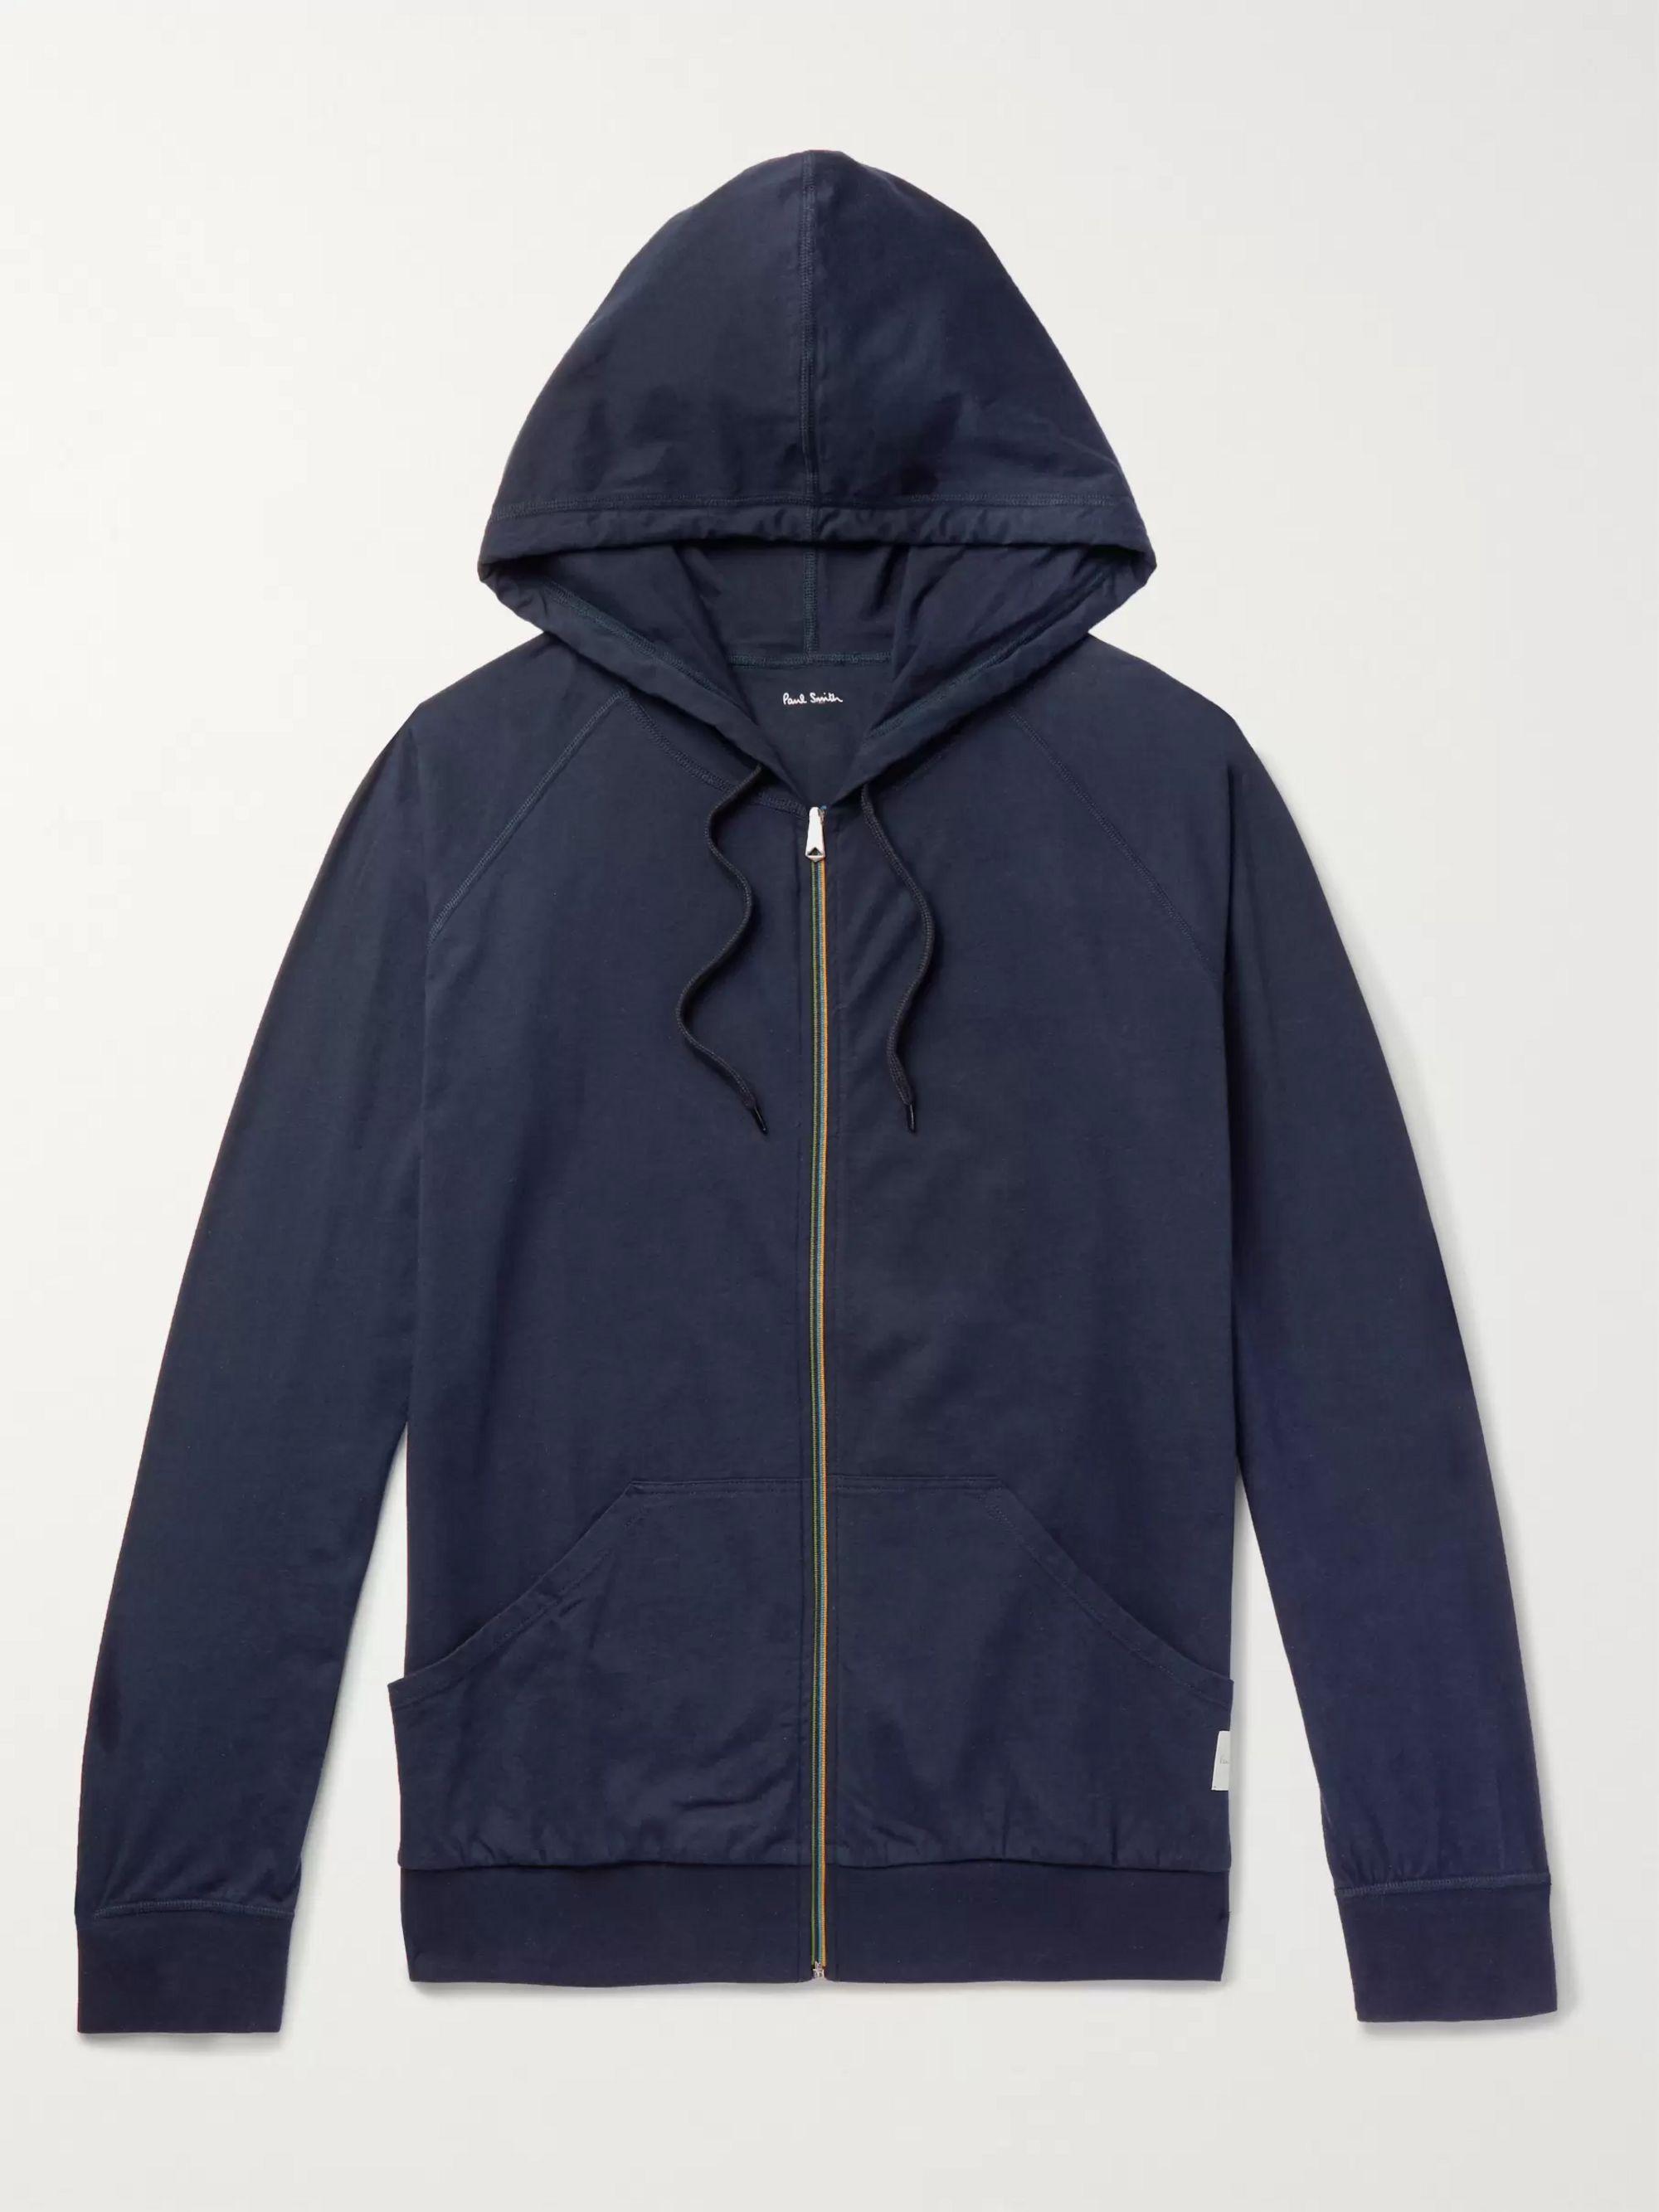 폴 스미스 Paul Smith Shoes & Accessories Navy Slim-Fit Cotton-Jersey Zip-Up Hoodie,Navy